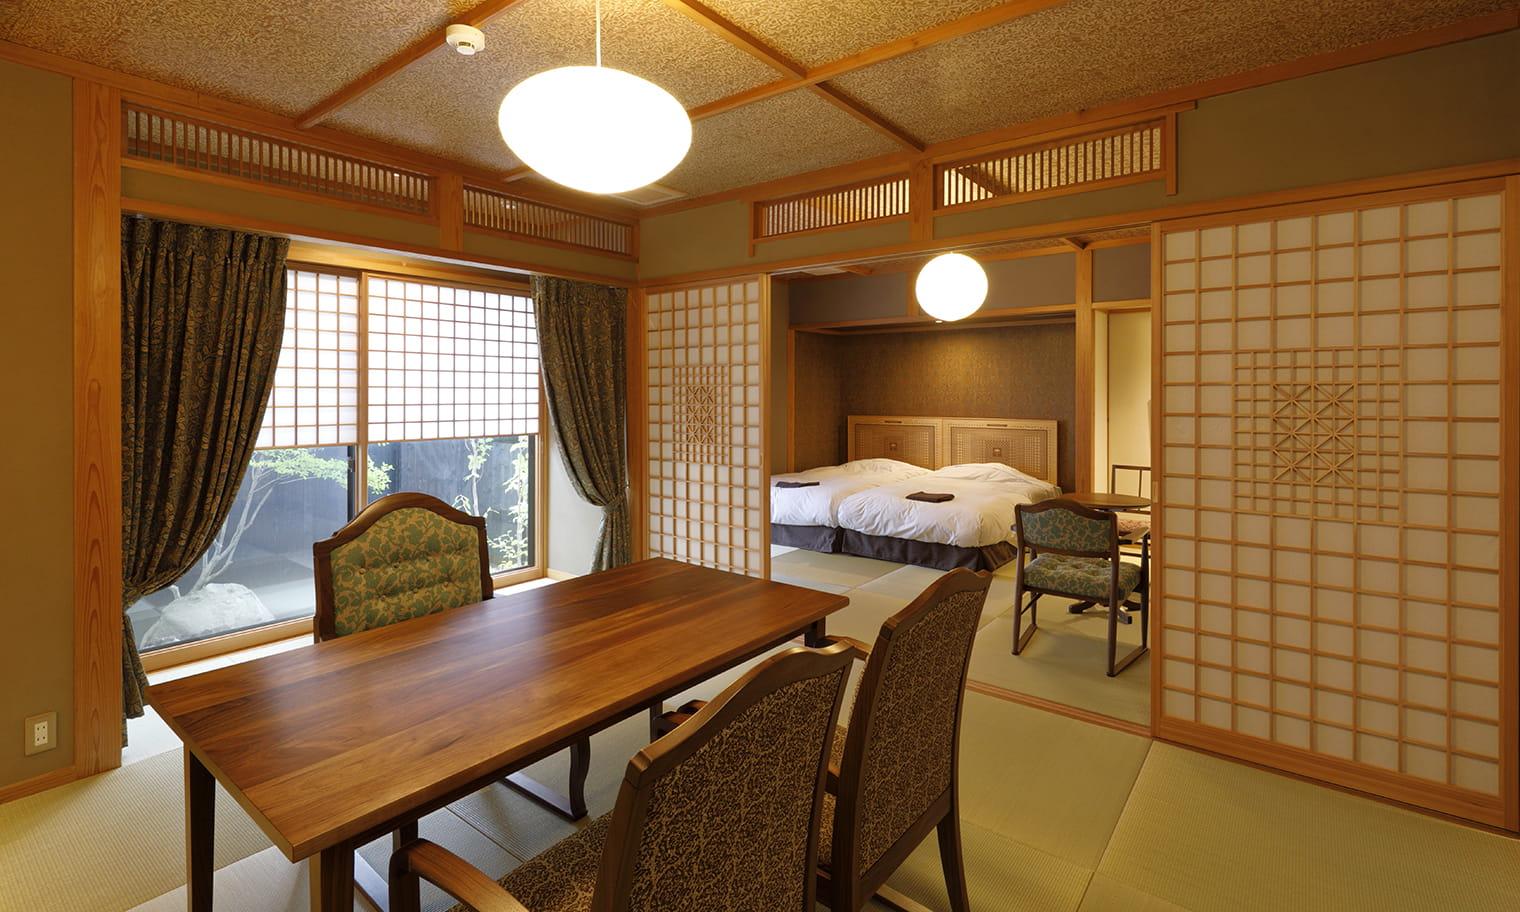 草庵秋桜 本館 内湯付き 部屋の内装イメージ